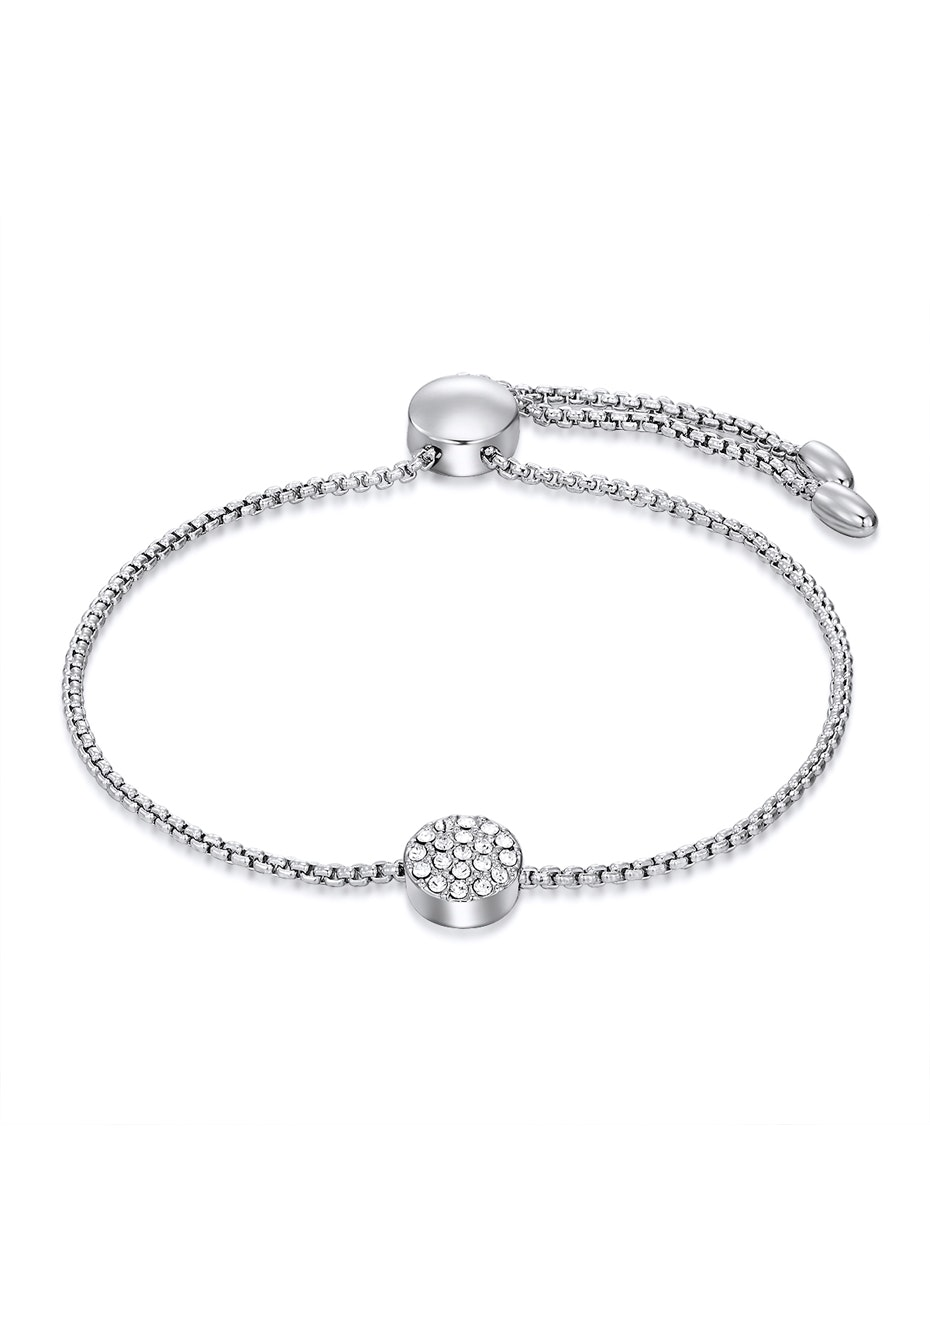 Slider Series Bracelet Ft Swarovski Crystals